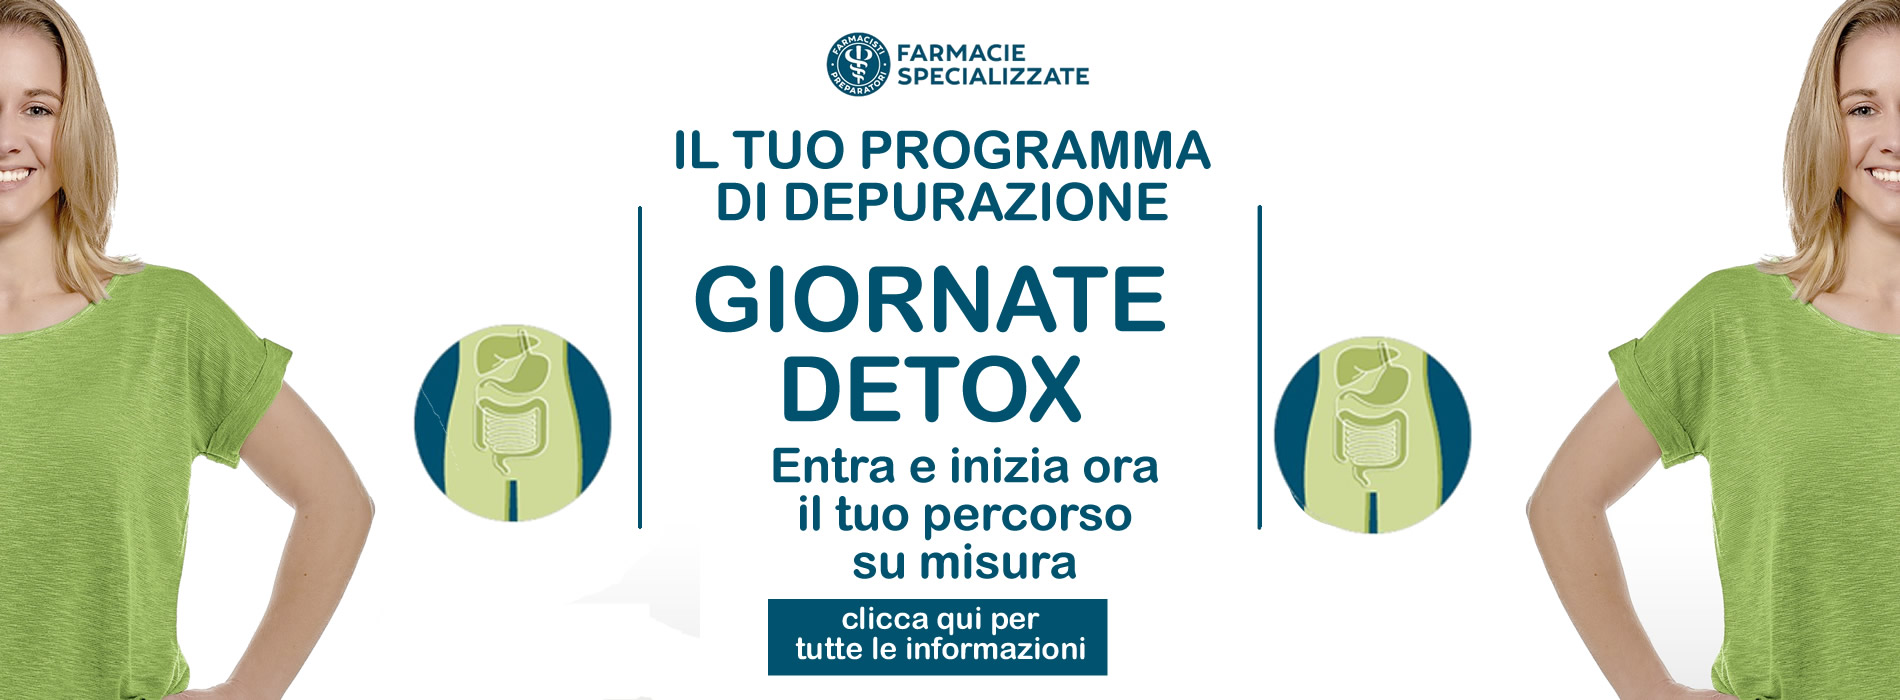 detox-slide